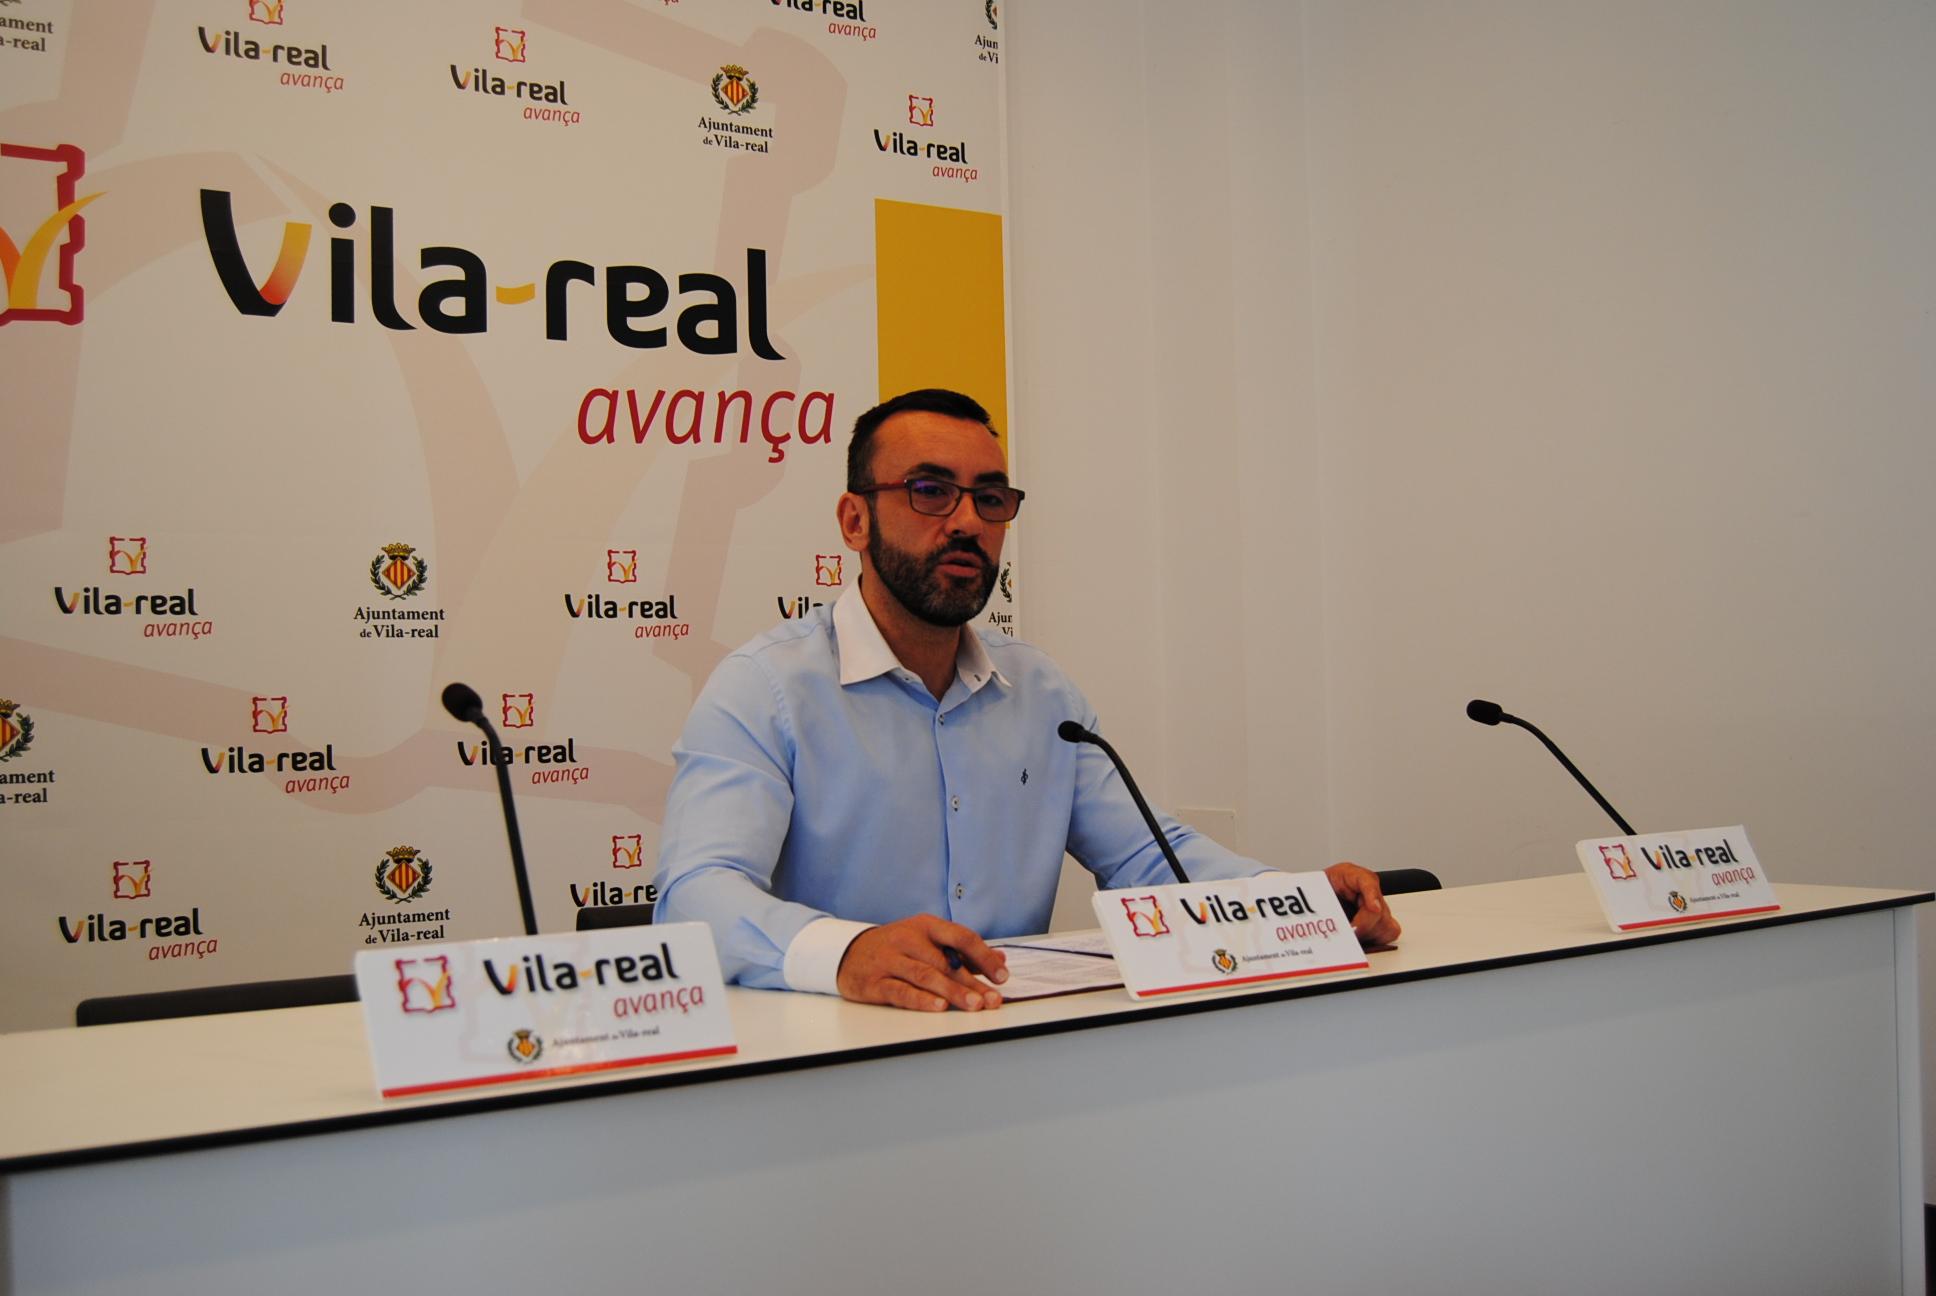 Vila-real tendrá en 2018 un presupuesto de 46,4 millones centrado en las personas, accesibilidad, patrimonio y mejora del entorno urbano.